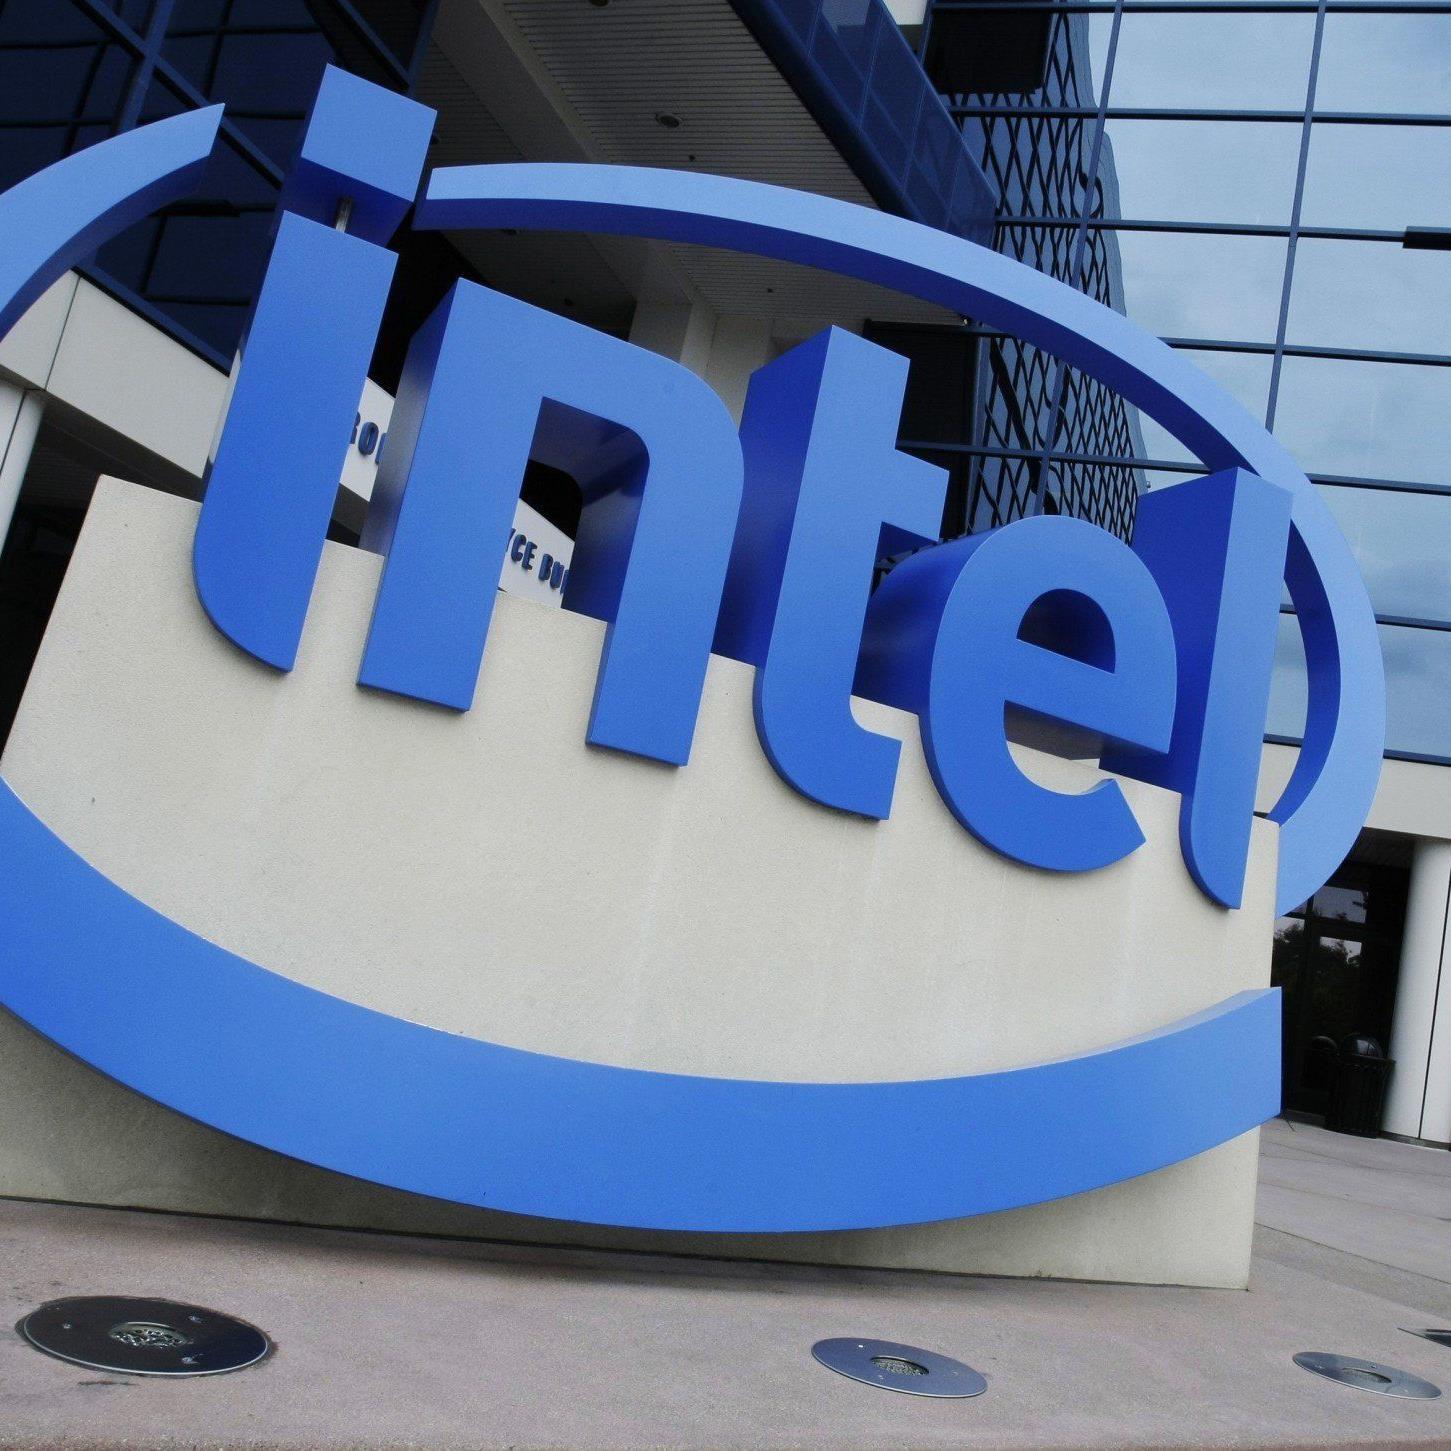 Der amerikanische Chiphersteller Intel plant einen Einstieg bei dem österreichischen Unternehmen AT&S.